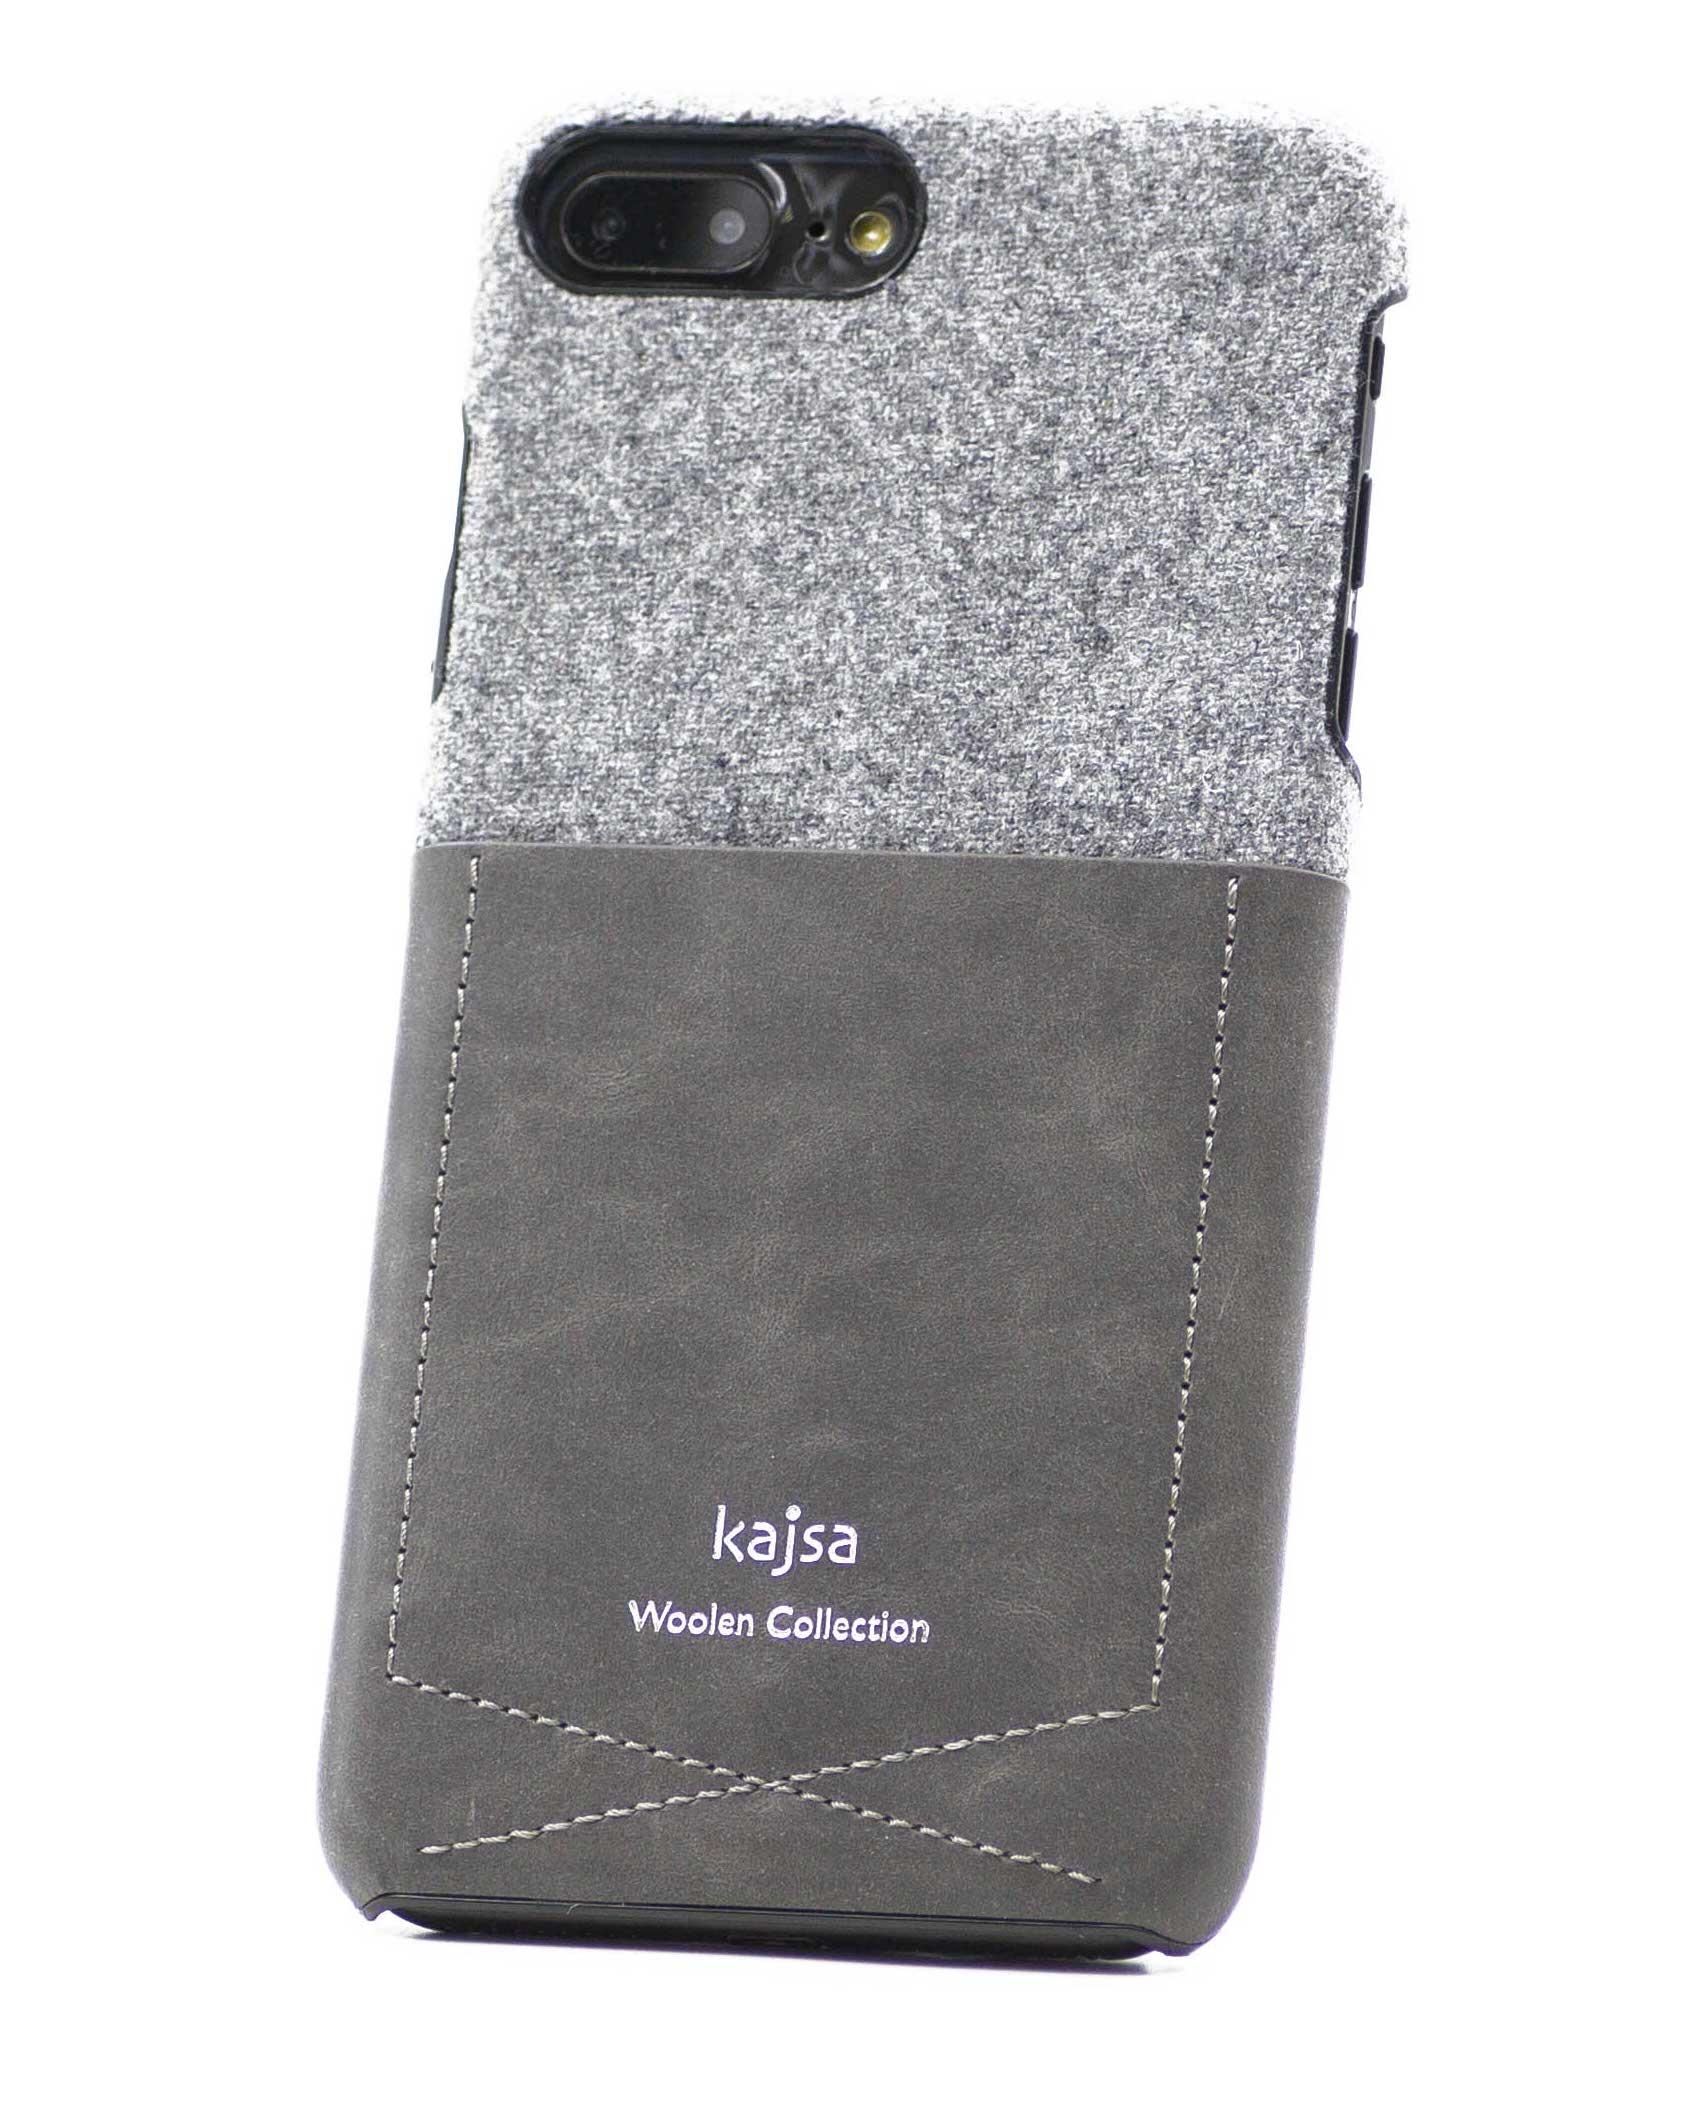 Perspektivisches Foto einer grünen Schutzhülle Case aus echter Wolle kombiniert mit Leder für das iPhone 8 Plus, das iPhone 8, das iPhone 7 und das iPhone 7 Plus.